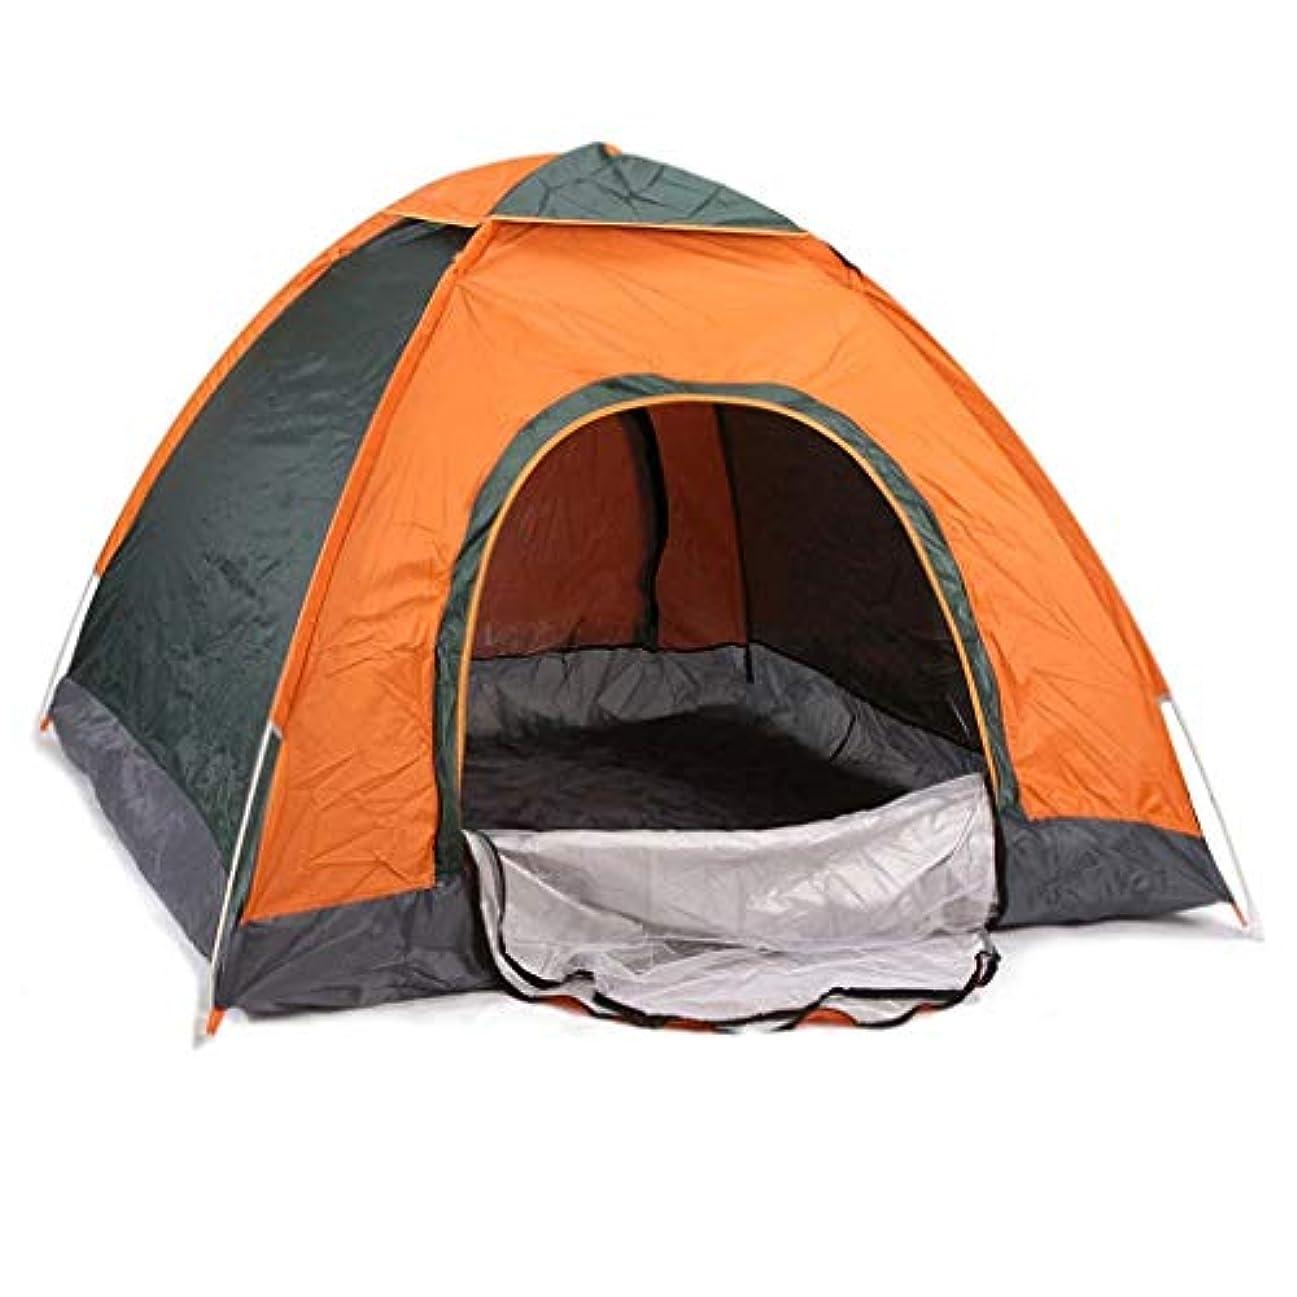 いう送る建築テント 3-4人キャンプテントビーチサンシェード防水折りたたみUVオーニング高速自動オープントラベルハイキング